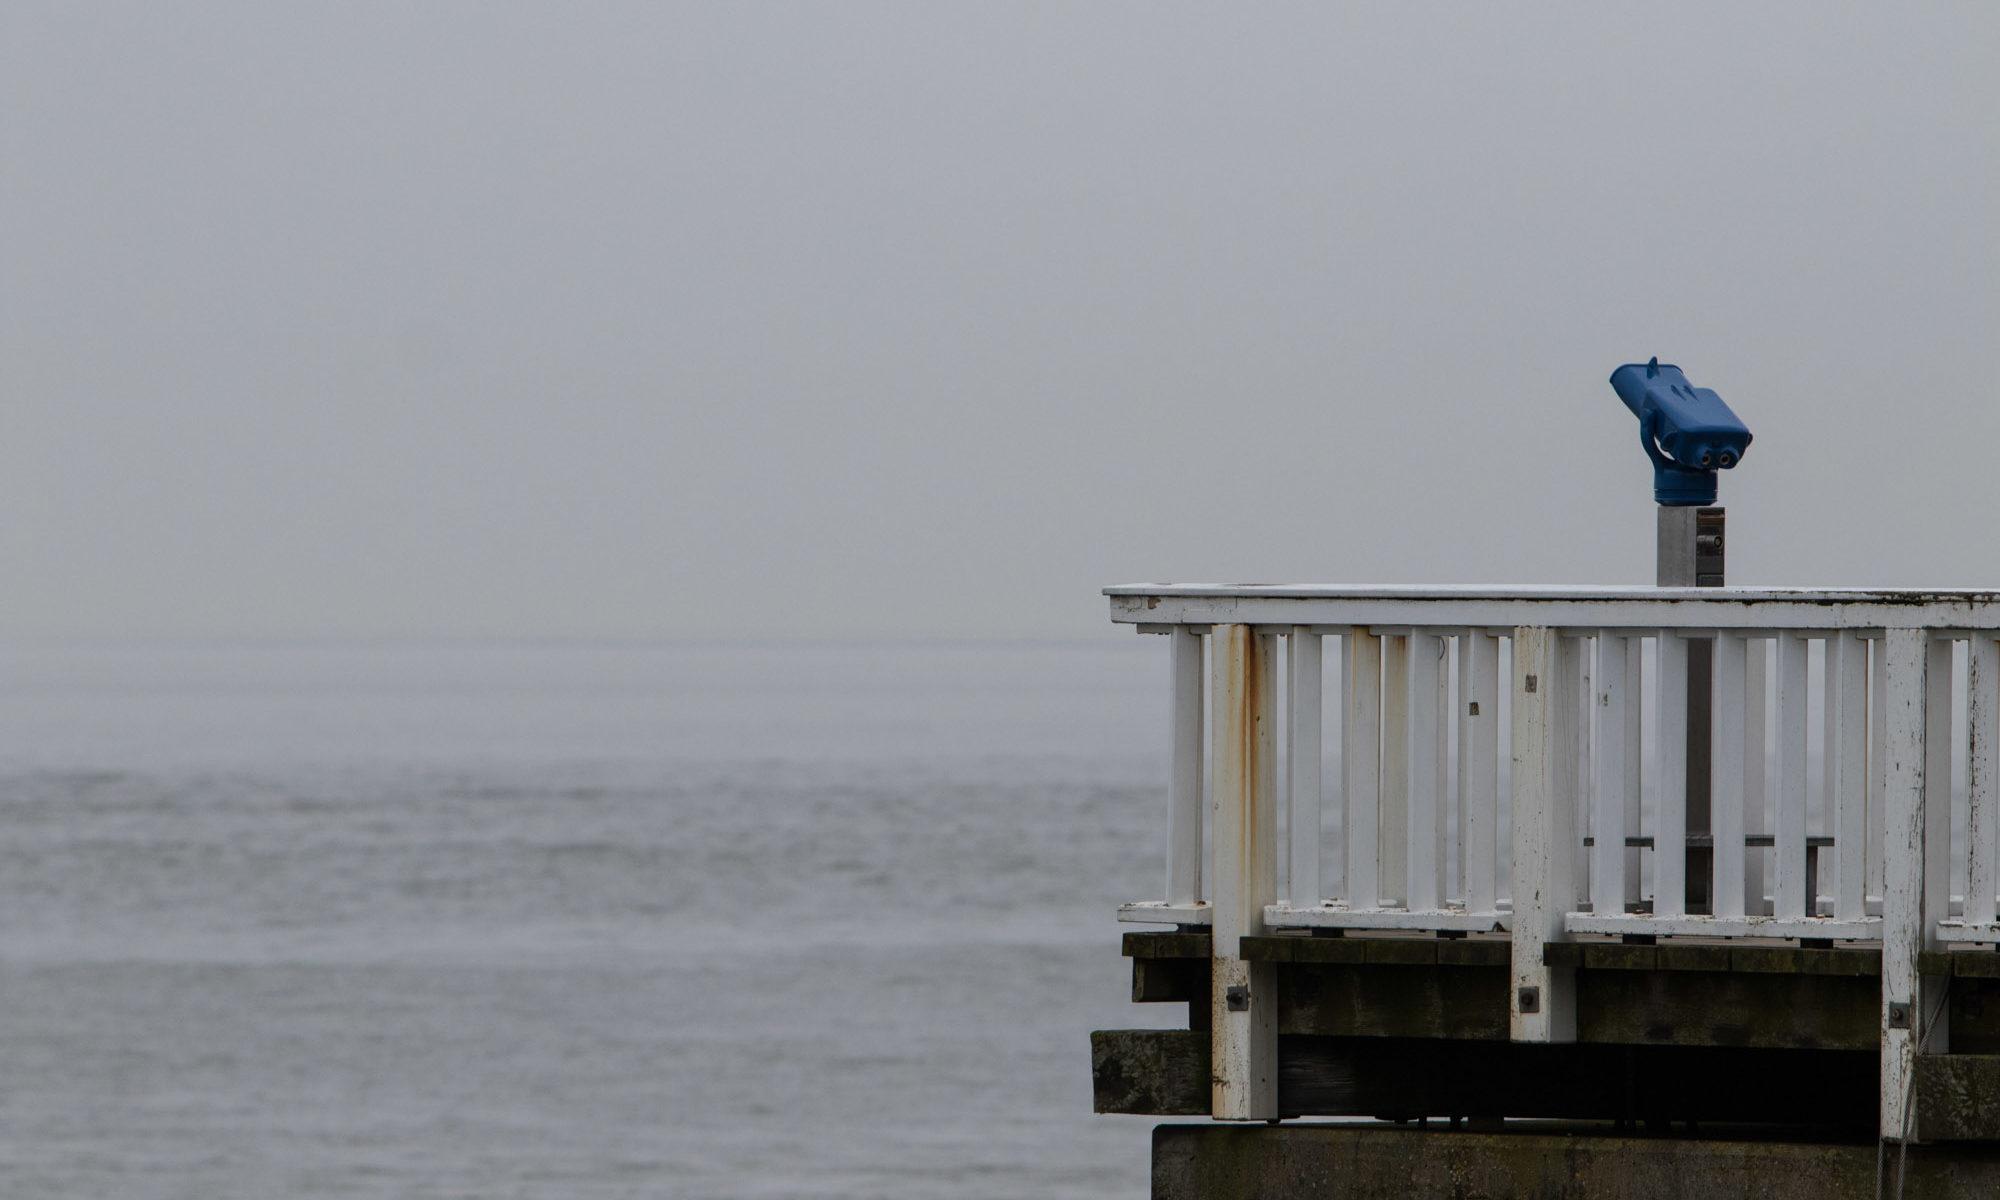 Blaues Fernrohr mit Meer im Hintergrund.